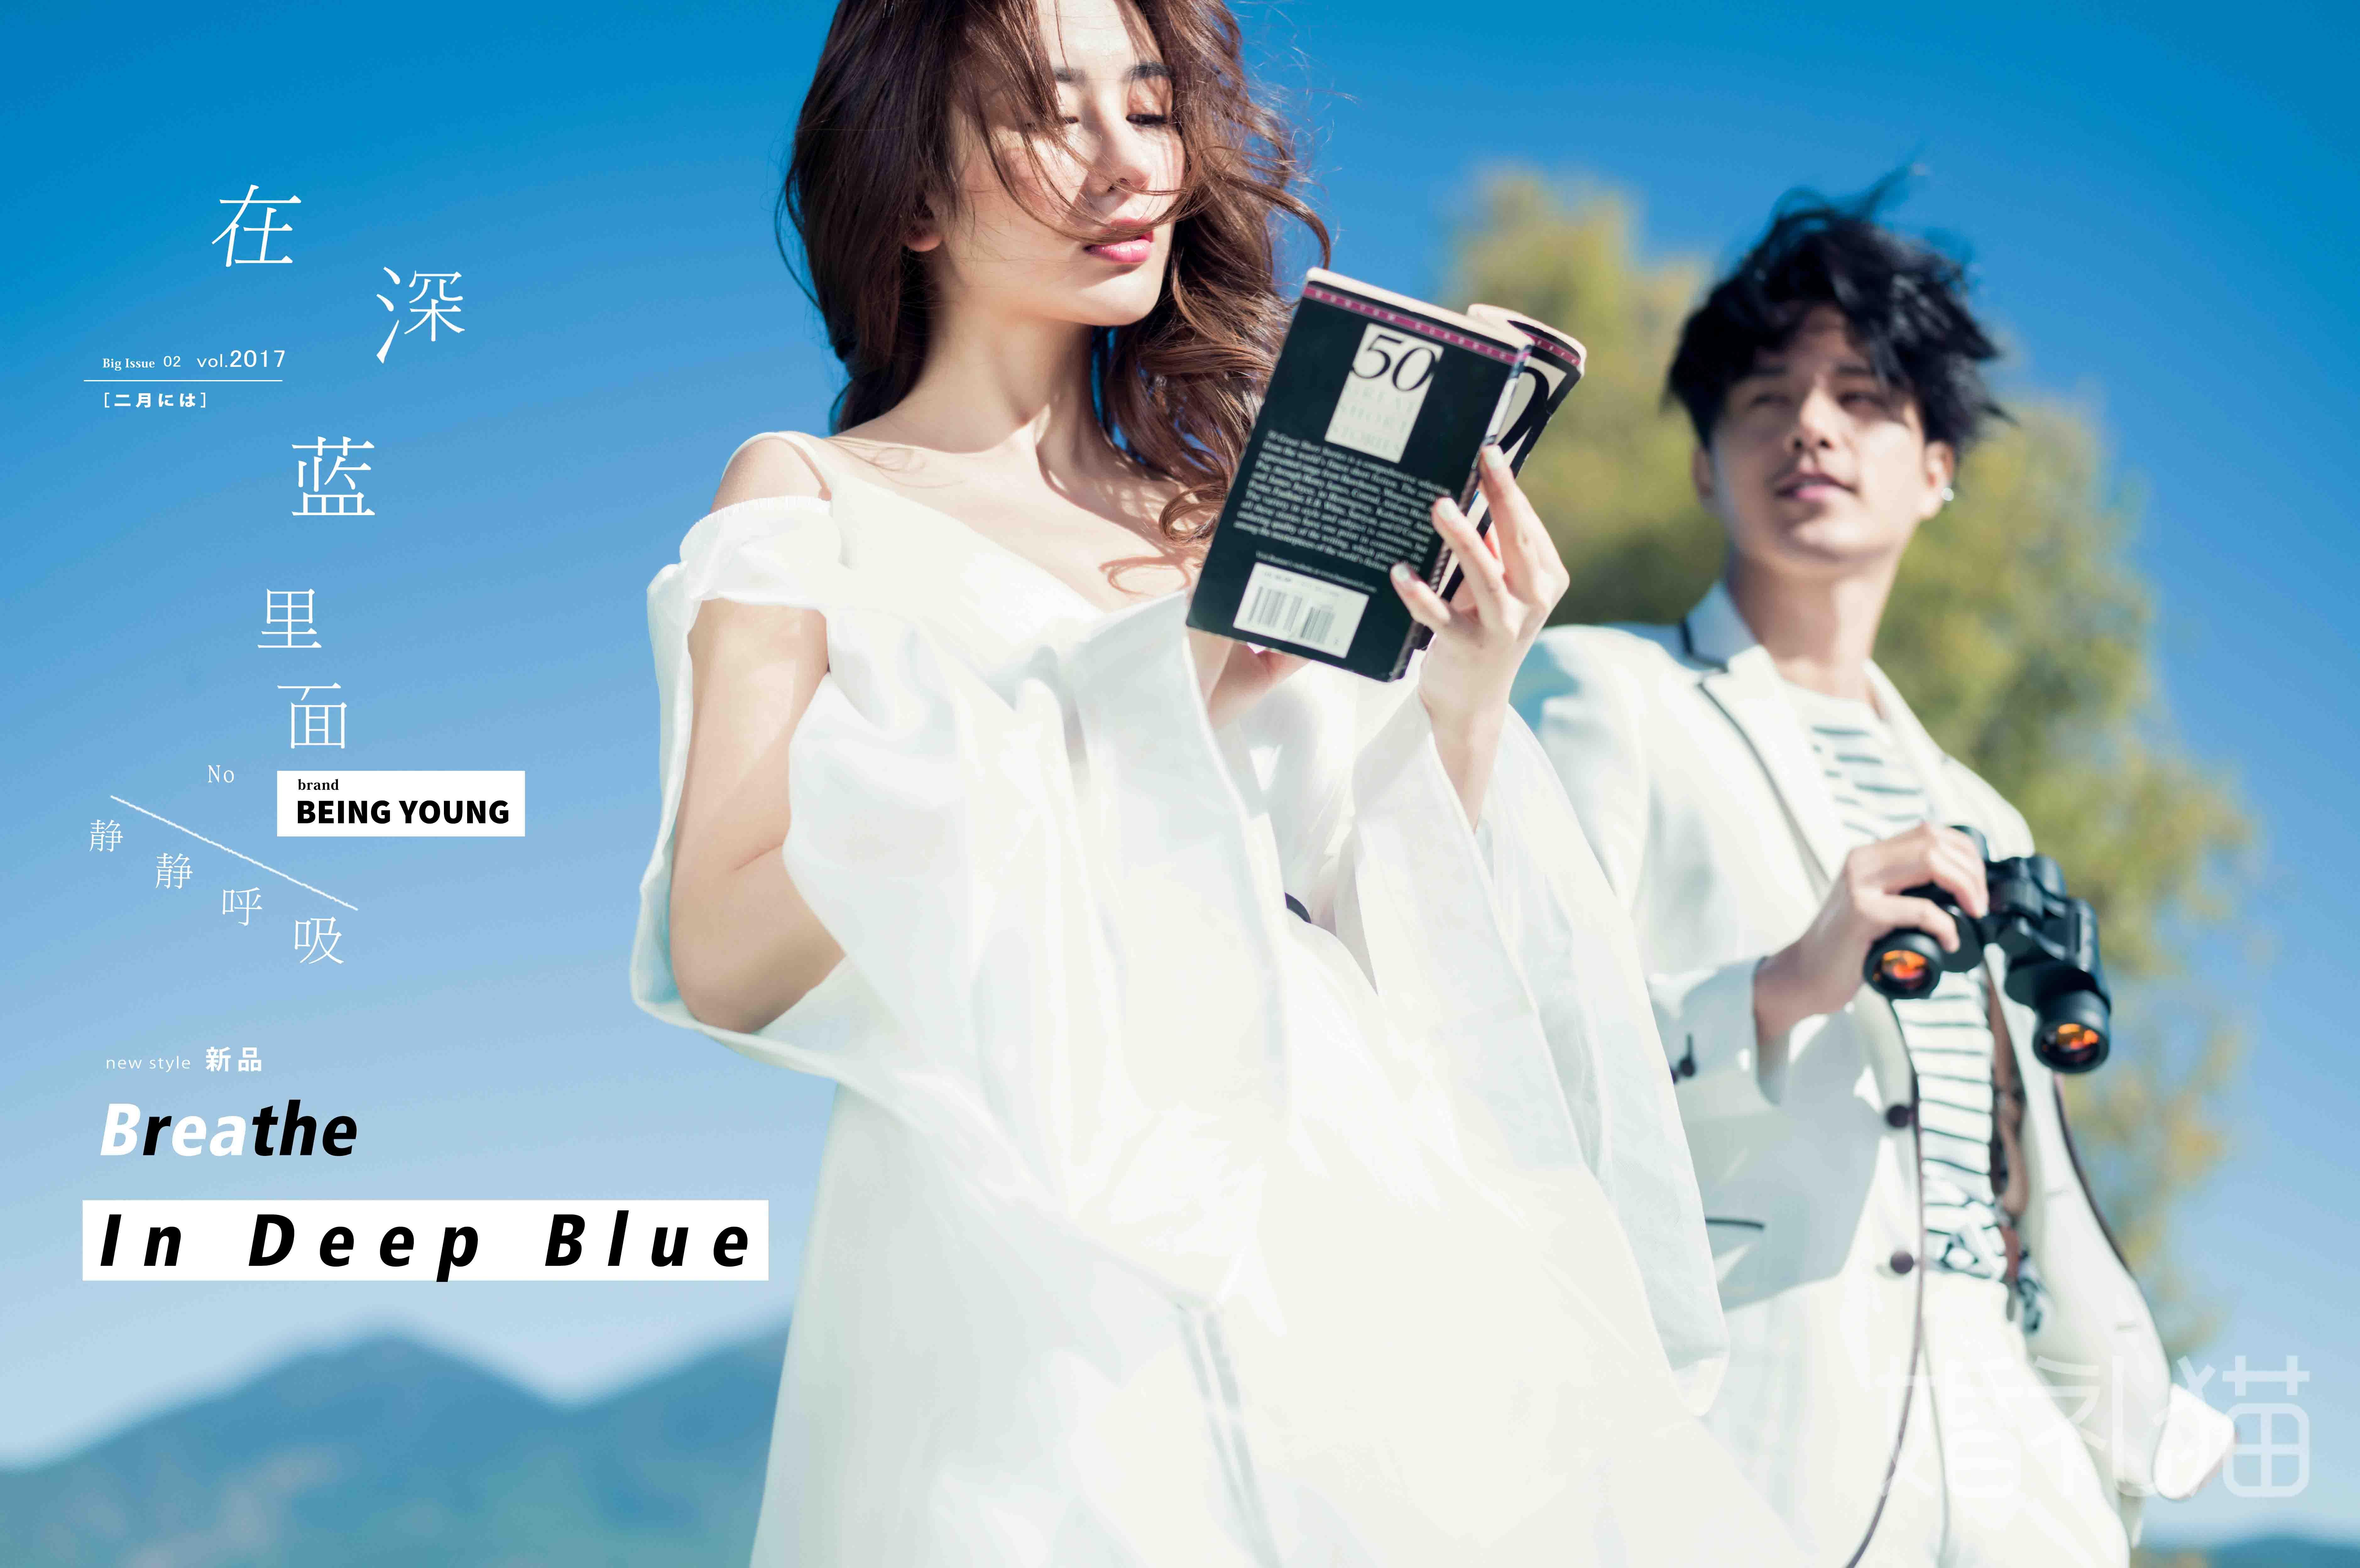 如何拍出ins风格的韩式婚纱照?